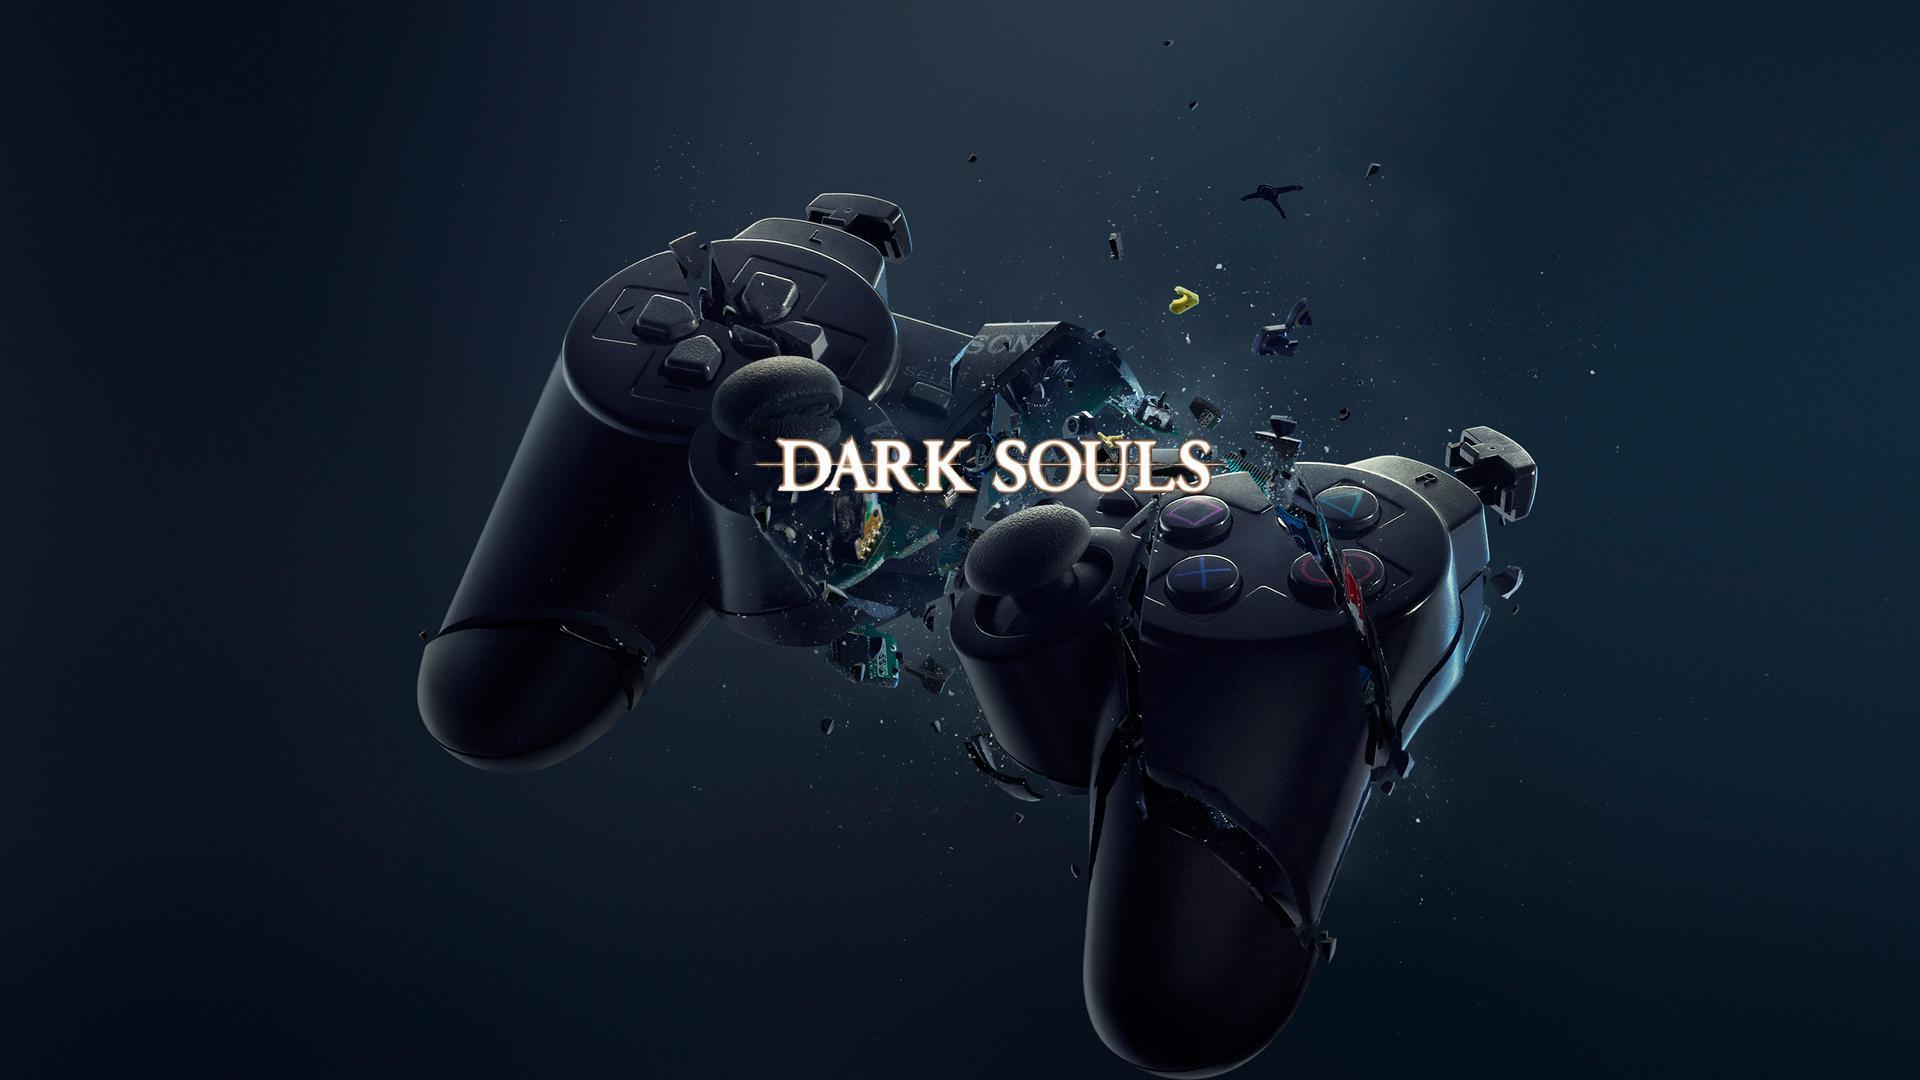 画像 Dark Souls ダークソウル シリーズのカッコイイ壁紙 1920